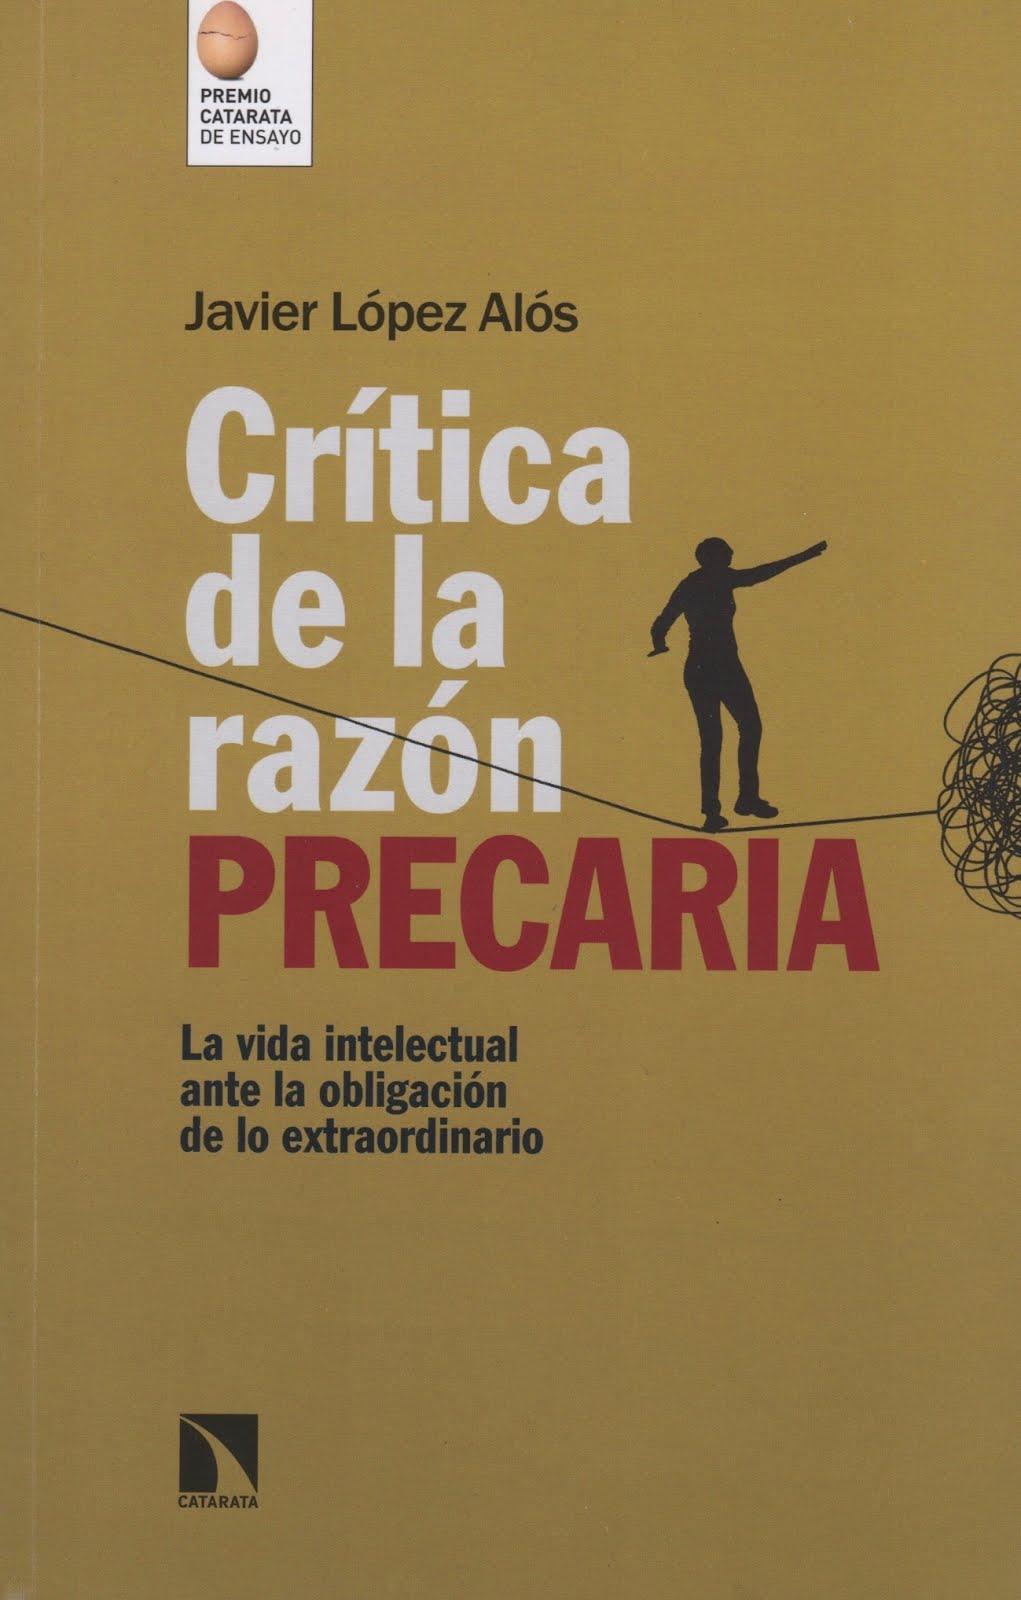 Javier López Alós (Crítica de la razón precaria) La vida intelectual ante la obligación de lo extra